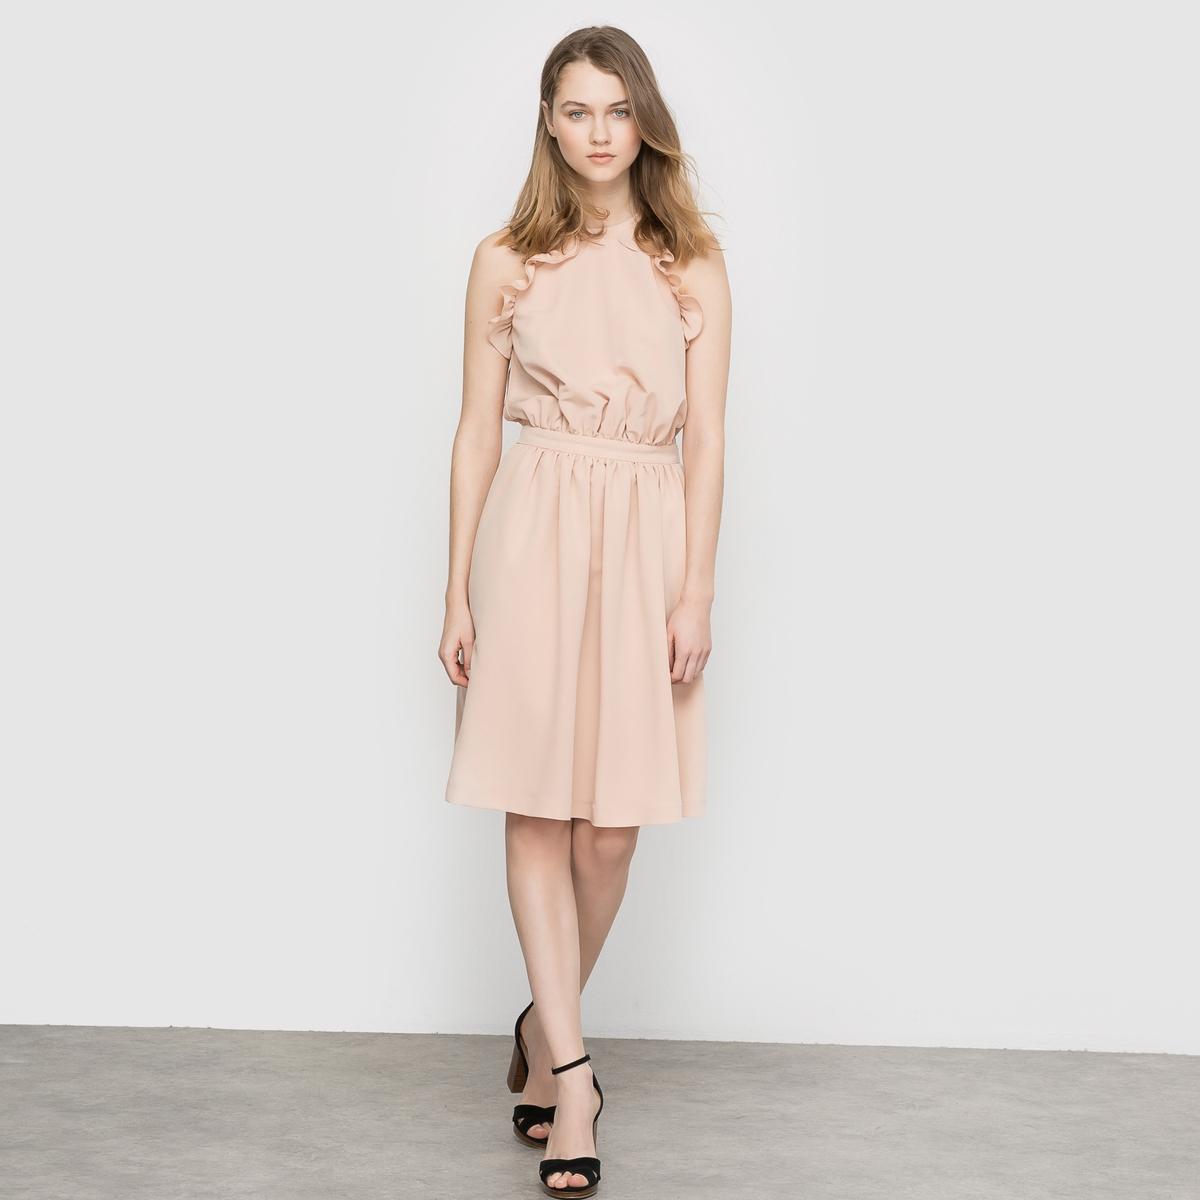 Платье коктейльное платье сзади с воланами запорожье